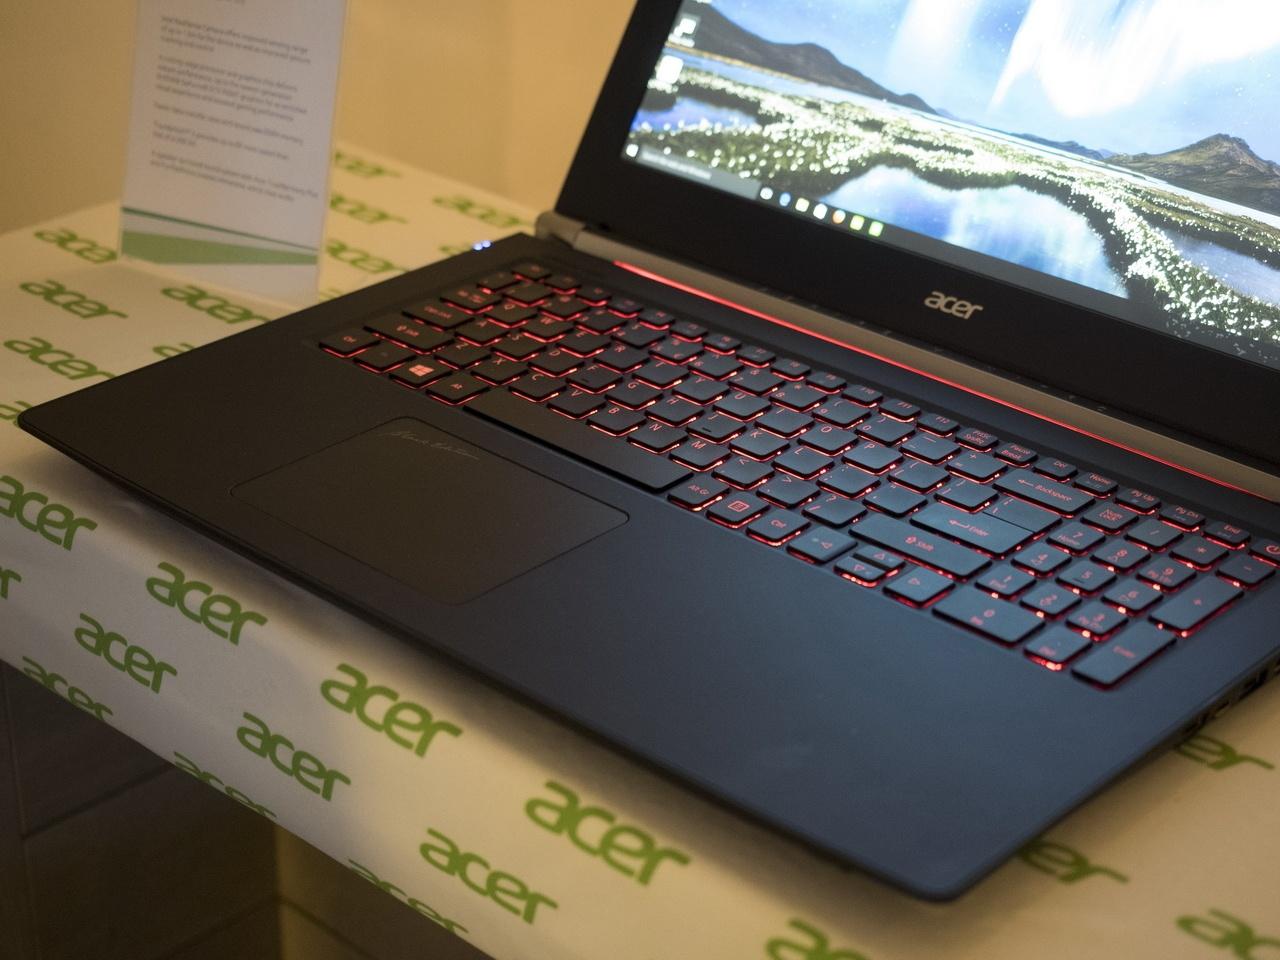 Acer на CES 2016: мониторы, планшеты, игровые ноутбуки и ультрамобильный трансформер - 25